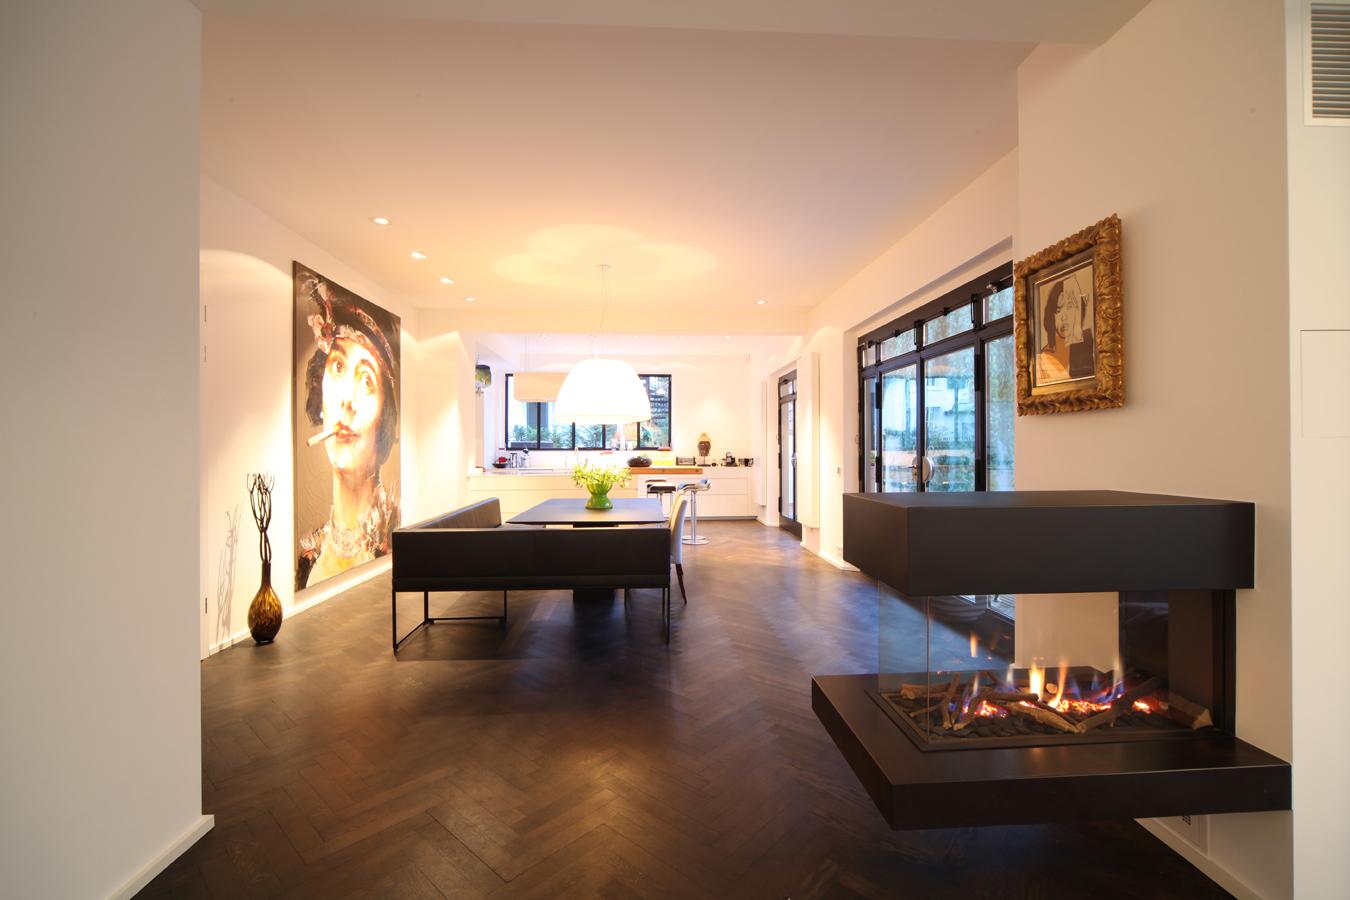 stadtvilla k ln knx k ln planung ausf hrung. Black Bedroom Furniture Sets. Home Design Ideas